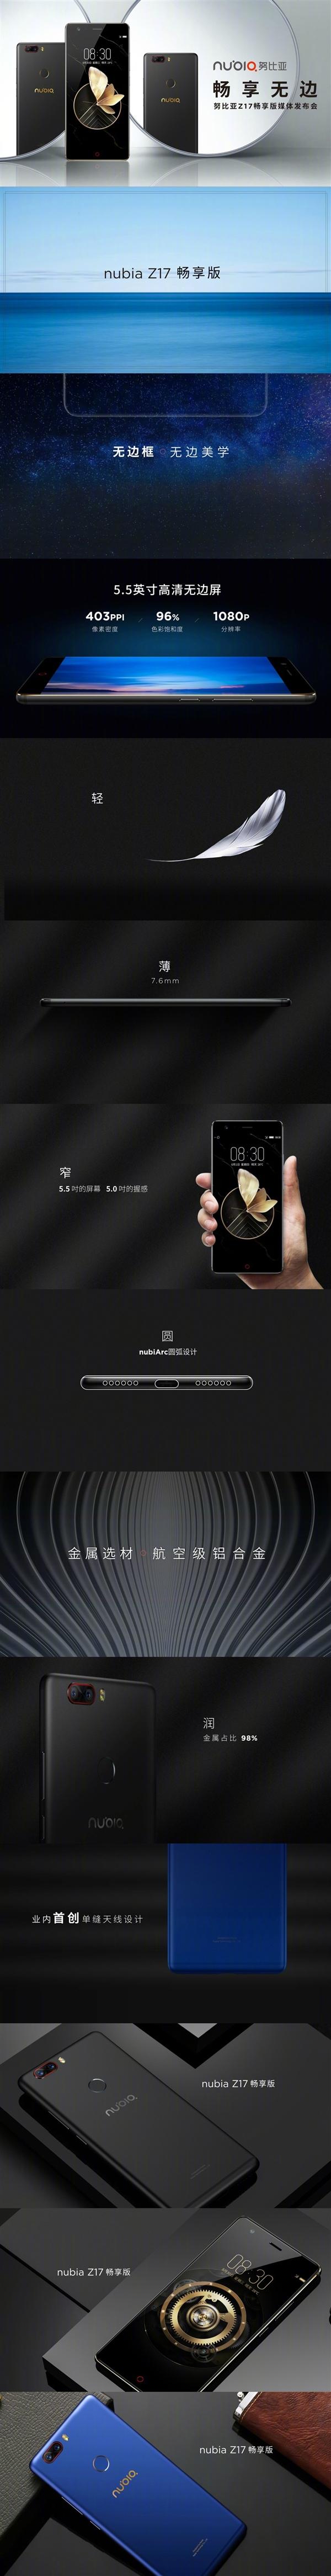 骁龙653加持!努比亚Z17畅享版发布:5.5屏5寸握感